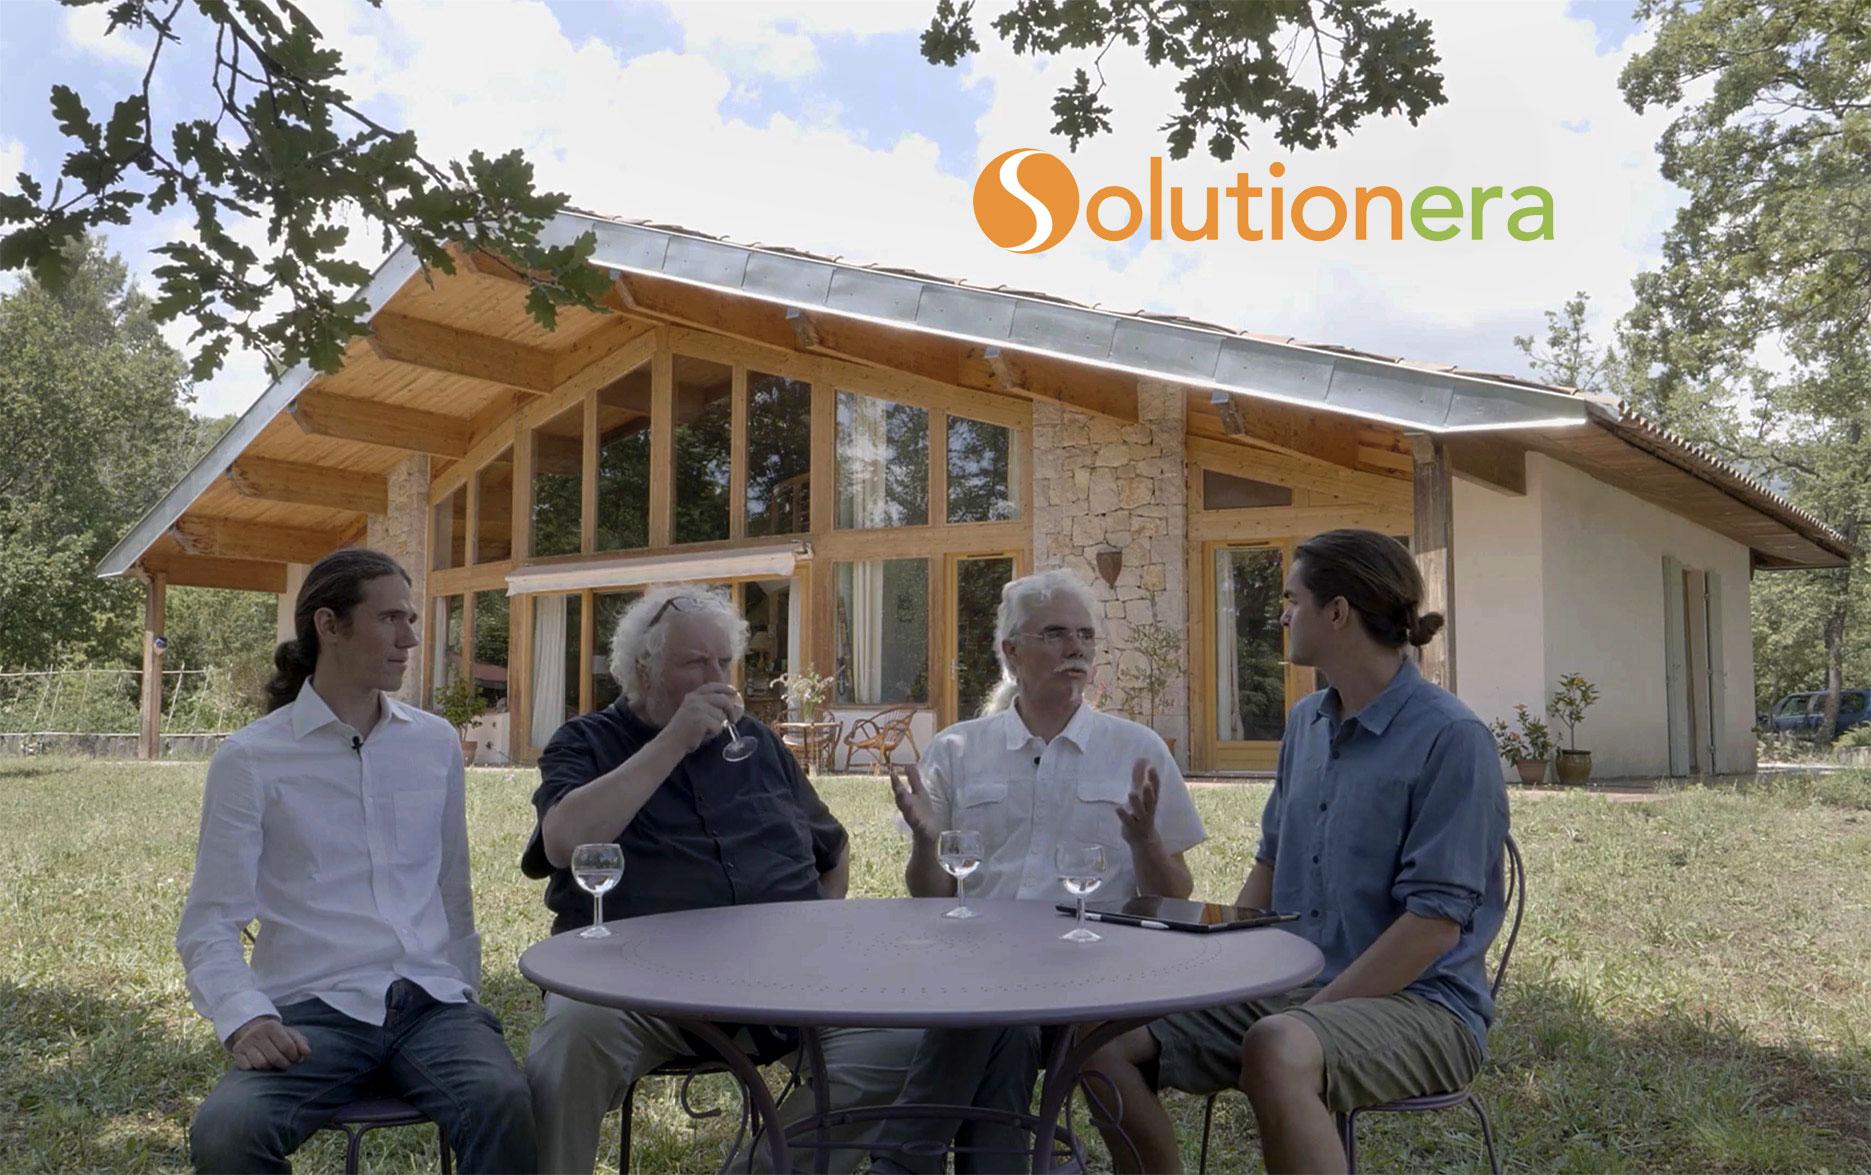 Tournage Solution ERA avec Francis Gendron et Goulven Bazire devant la maison de Pierre Pralus